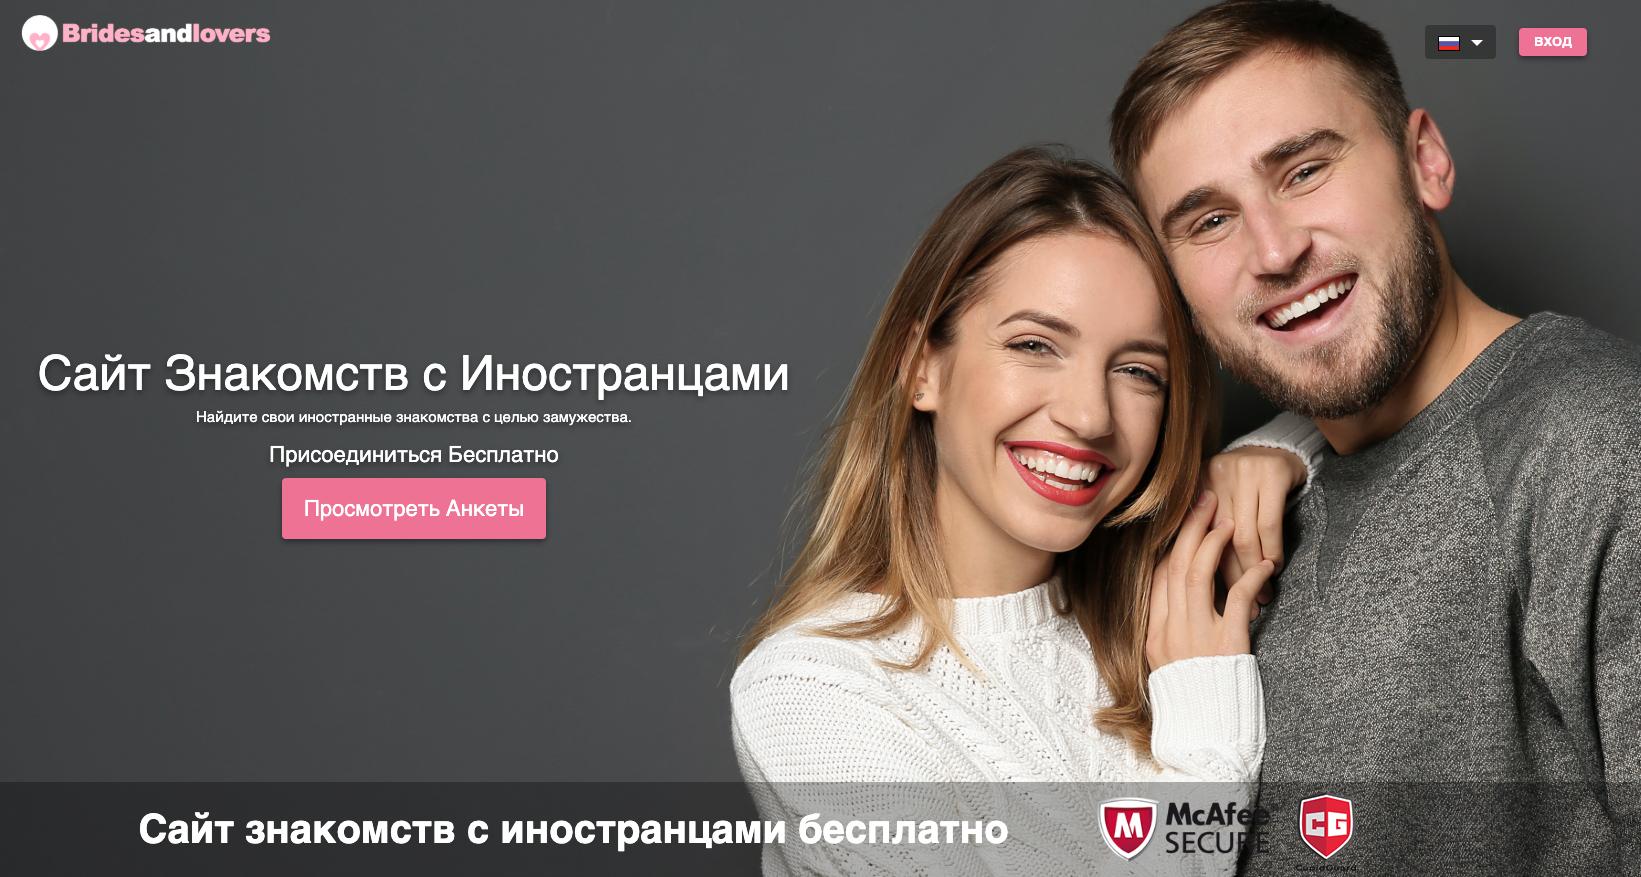 тау 2 сайт знакомств с иностранцами